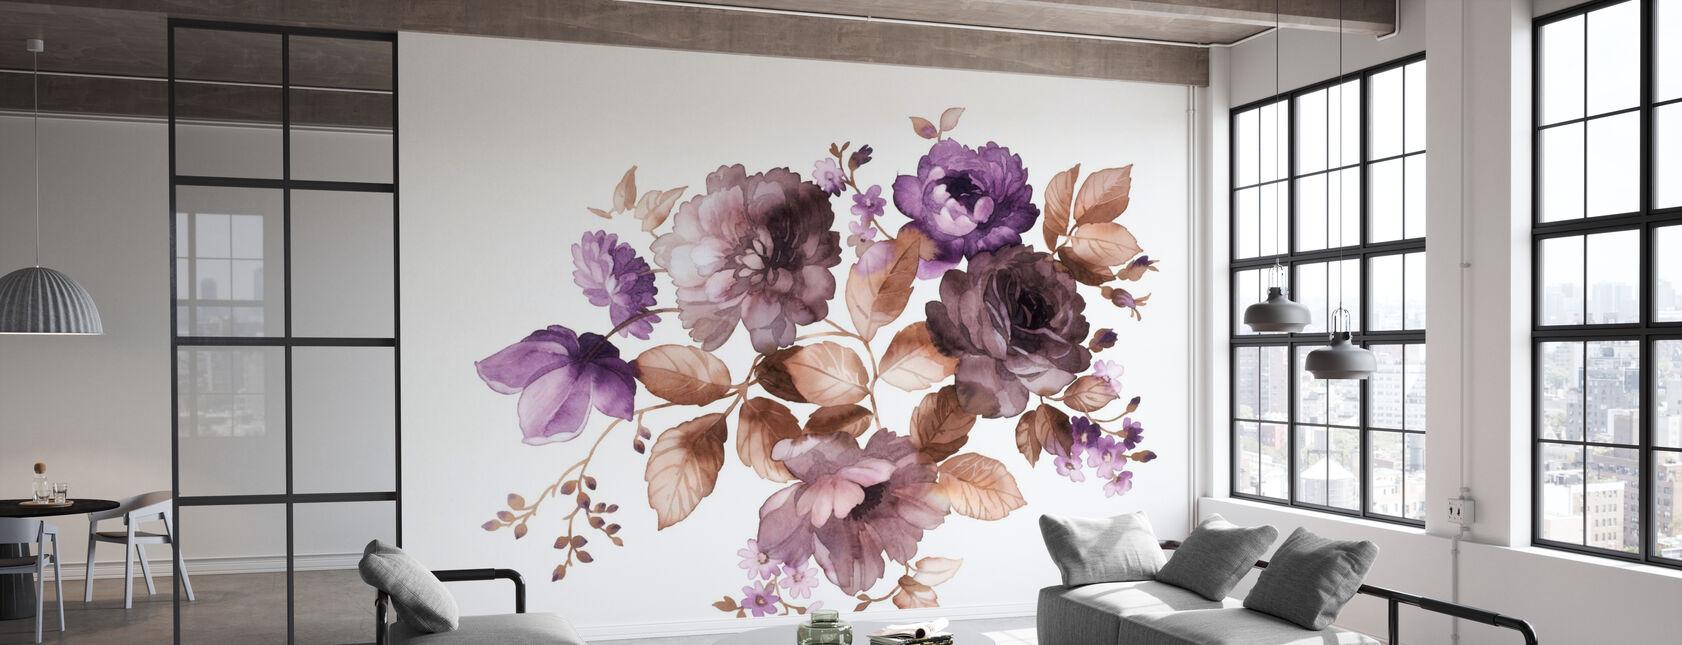 Bloemen in Aquarel - Behang - Kantoor